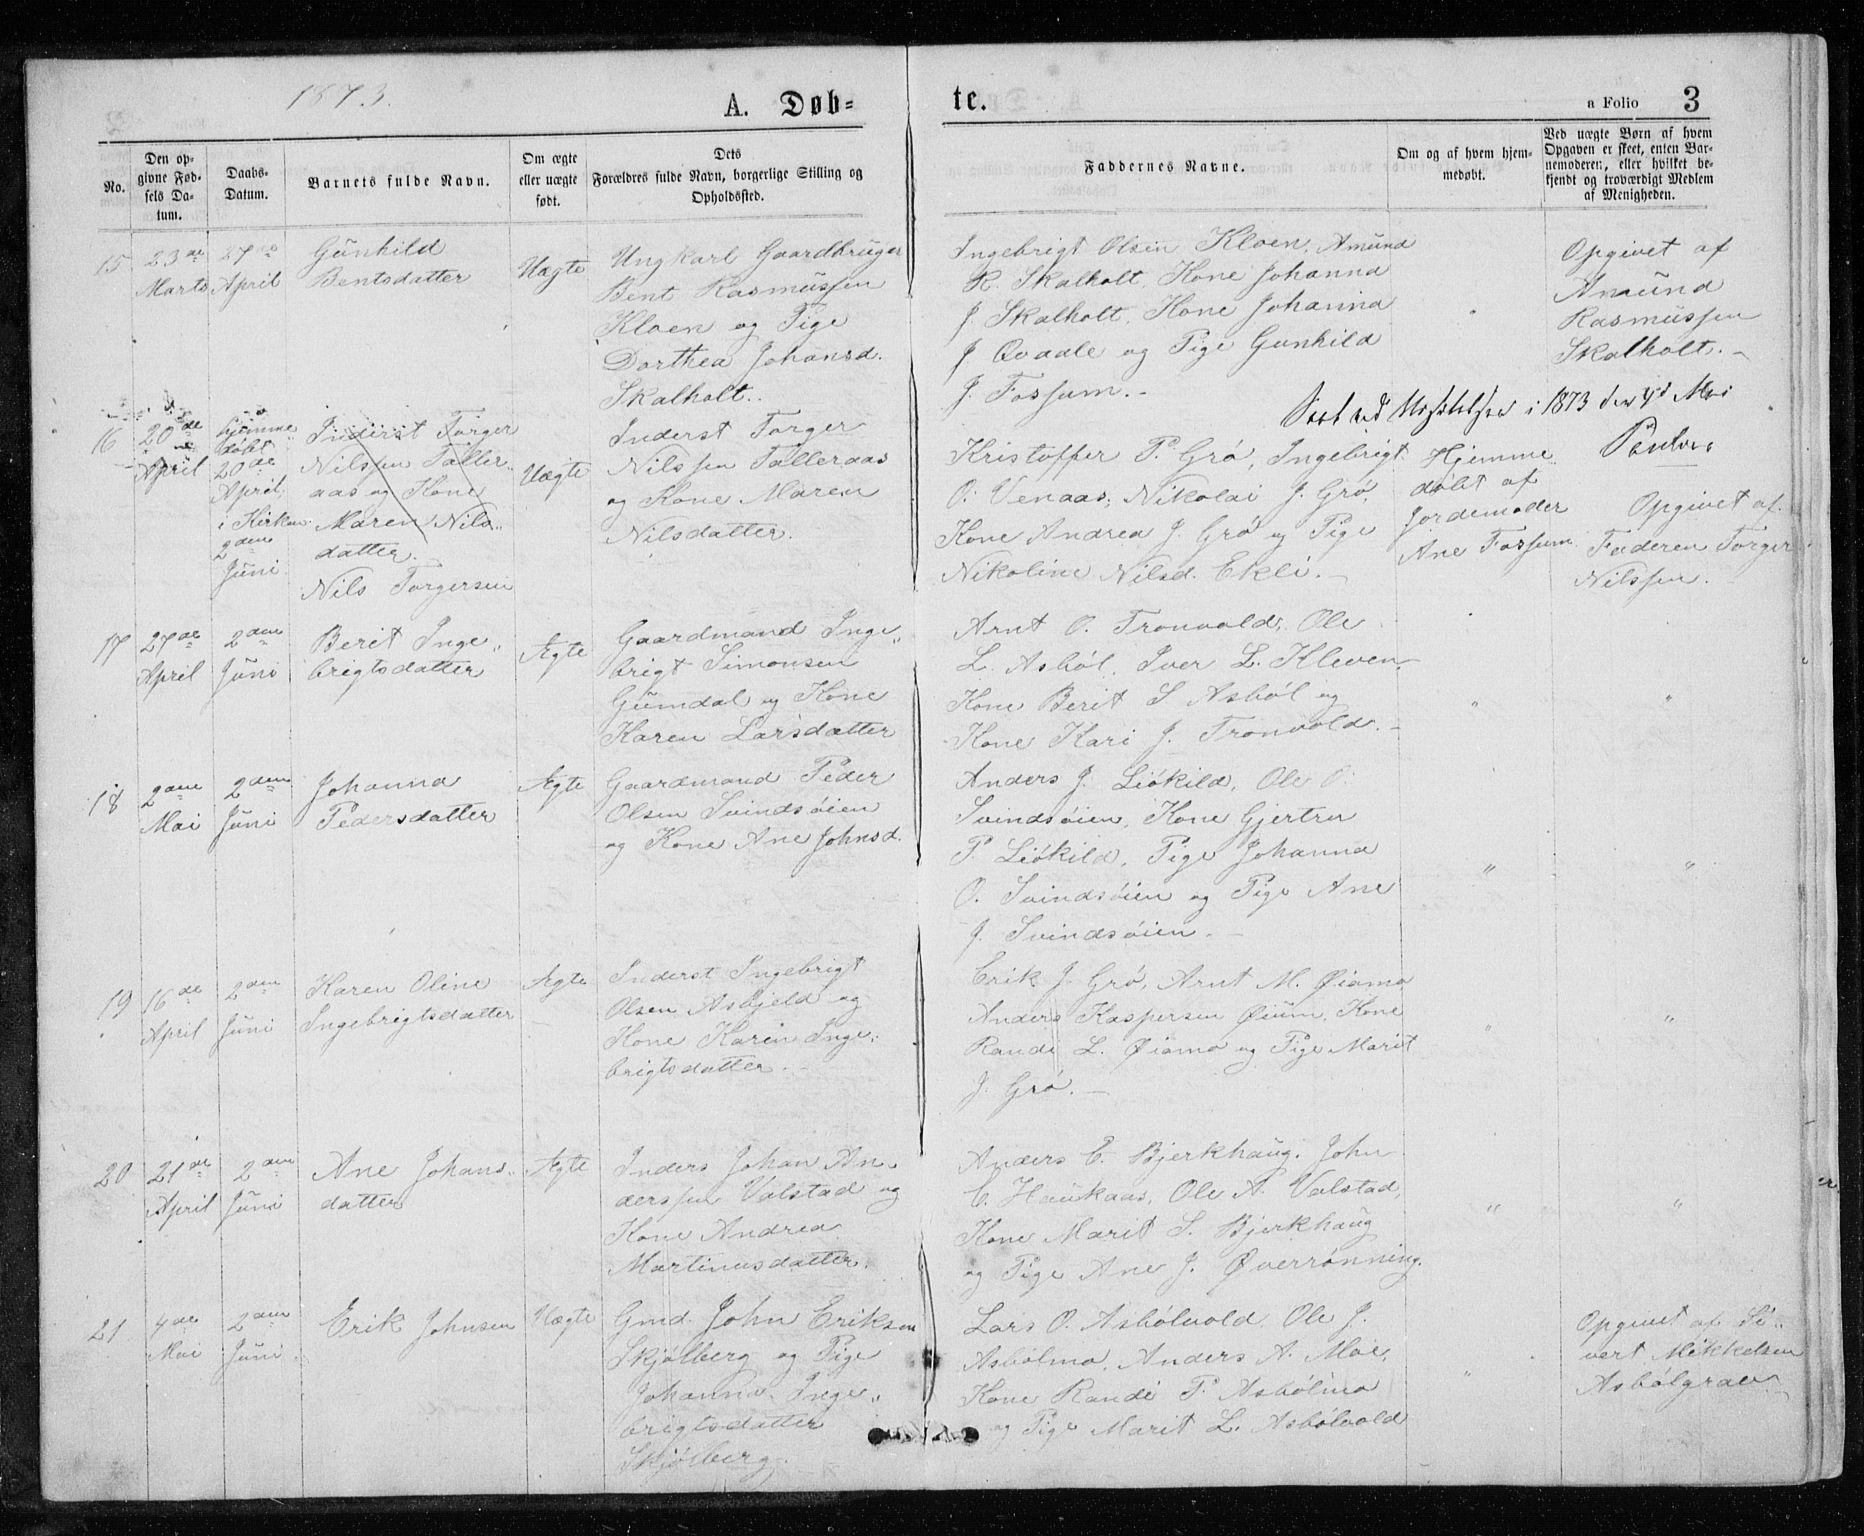 SAT, Ministerialprotokoller, klokkerbøker og fødselsregistre - Sør-Trøndelag, 671/L0843: Klokkerbok nr. 671C02, 1873-1892, s. 3